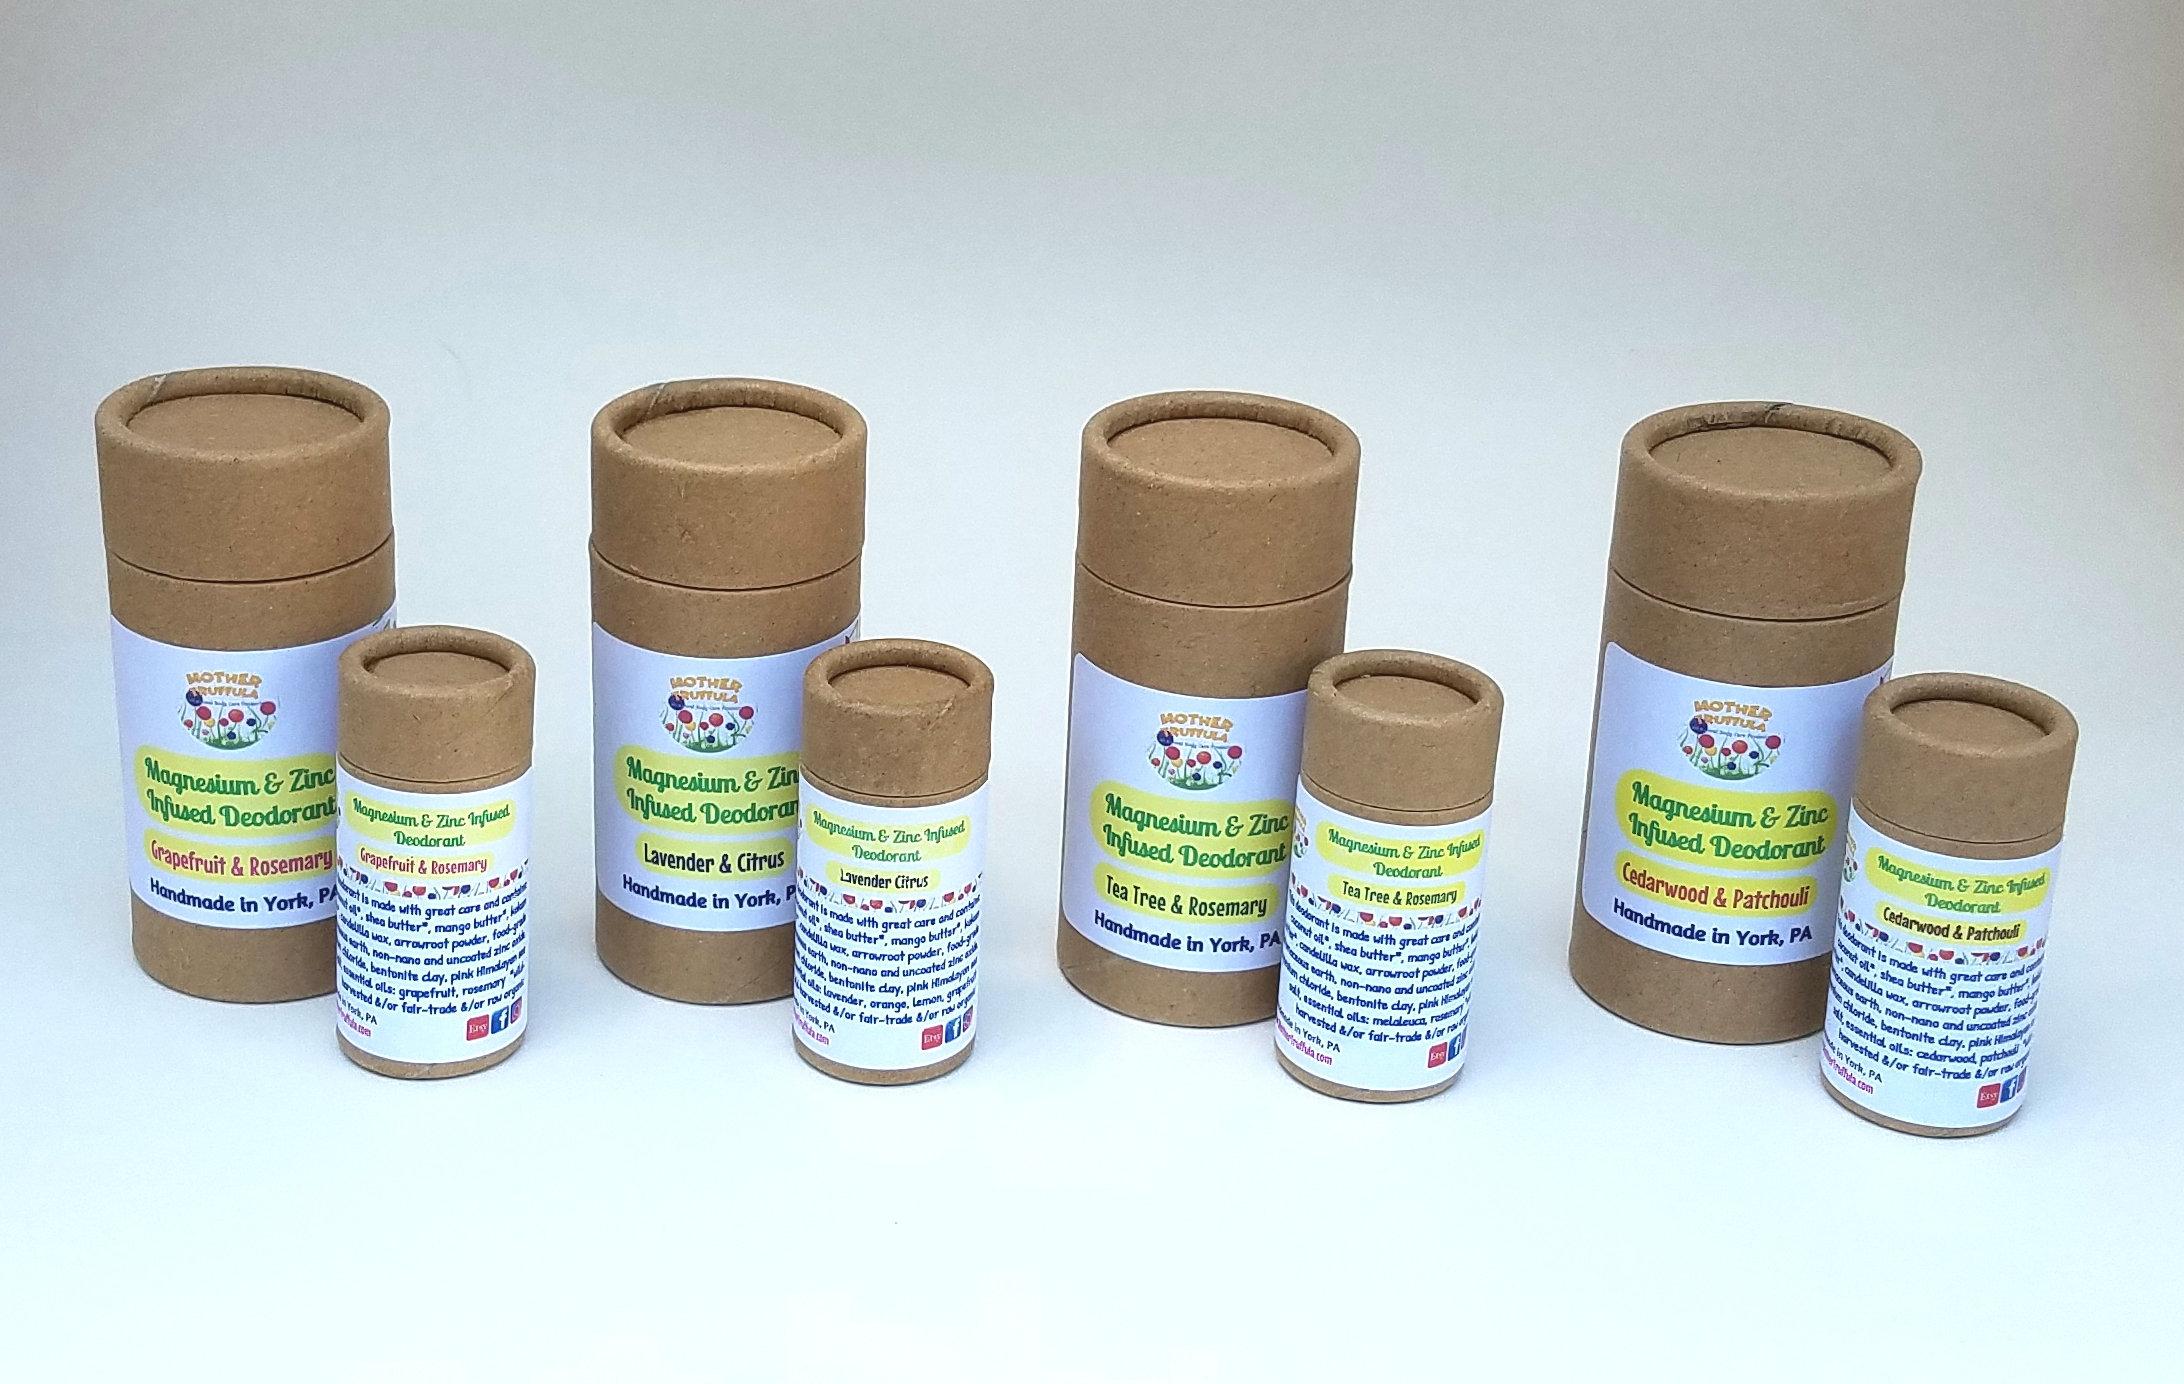 Magnesium & Zinc Infused Deodorant | bodycare